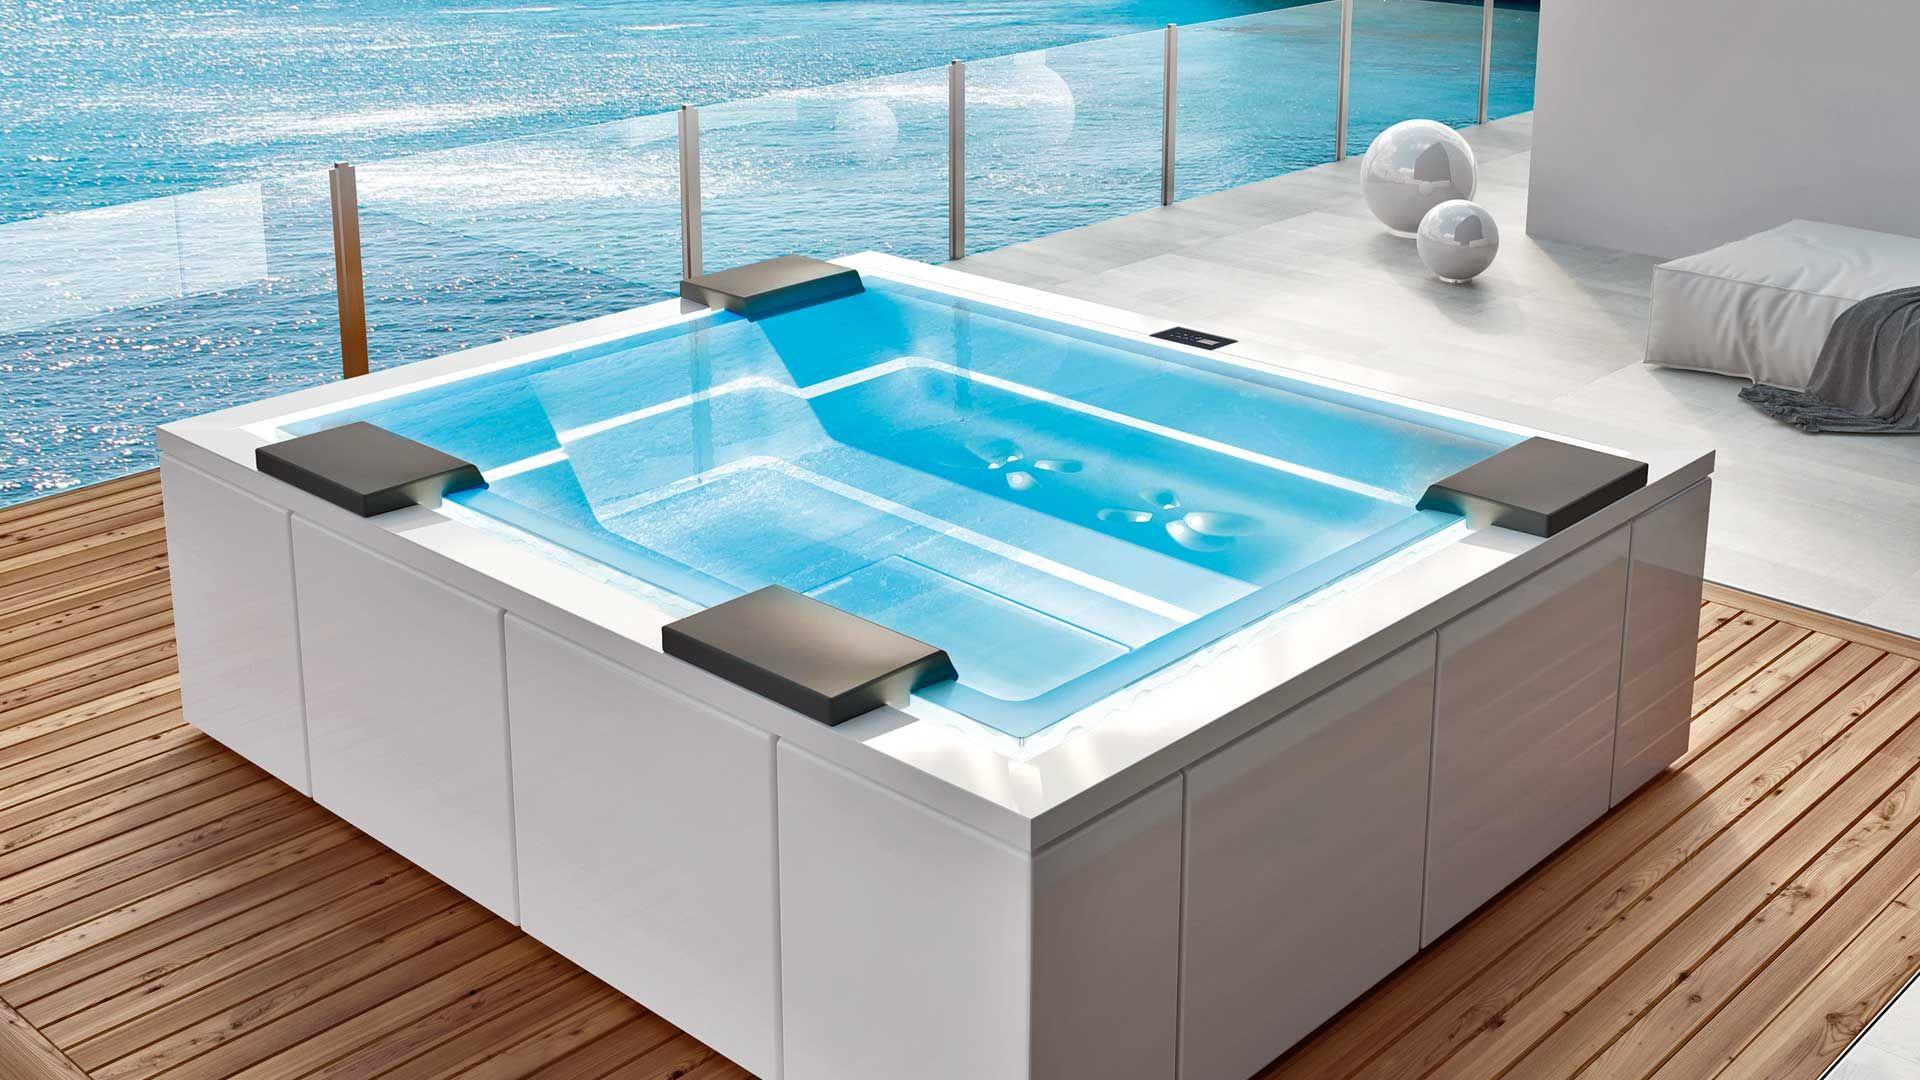 Luxus Design Whirlpool Zen In 2020 Whirlpool Design Jacuzzi